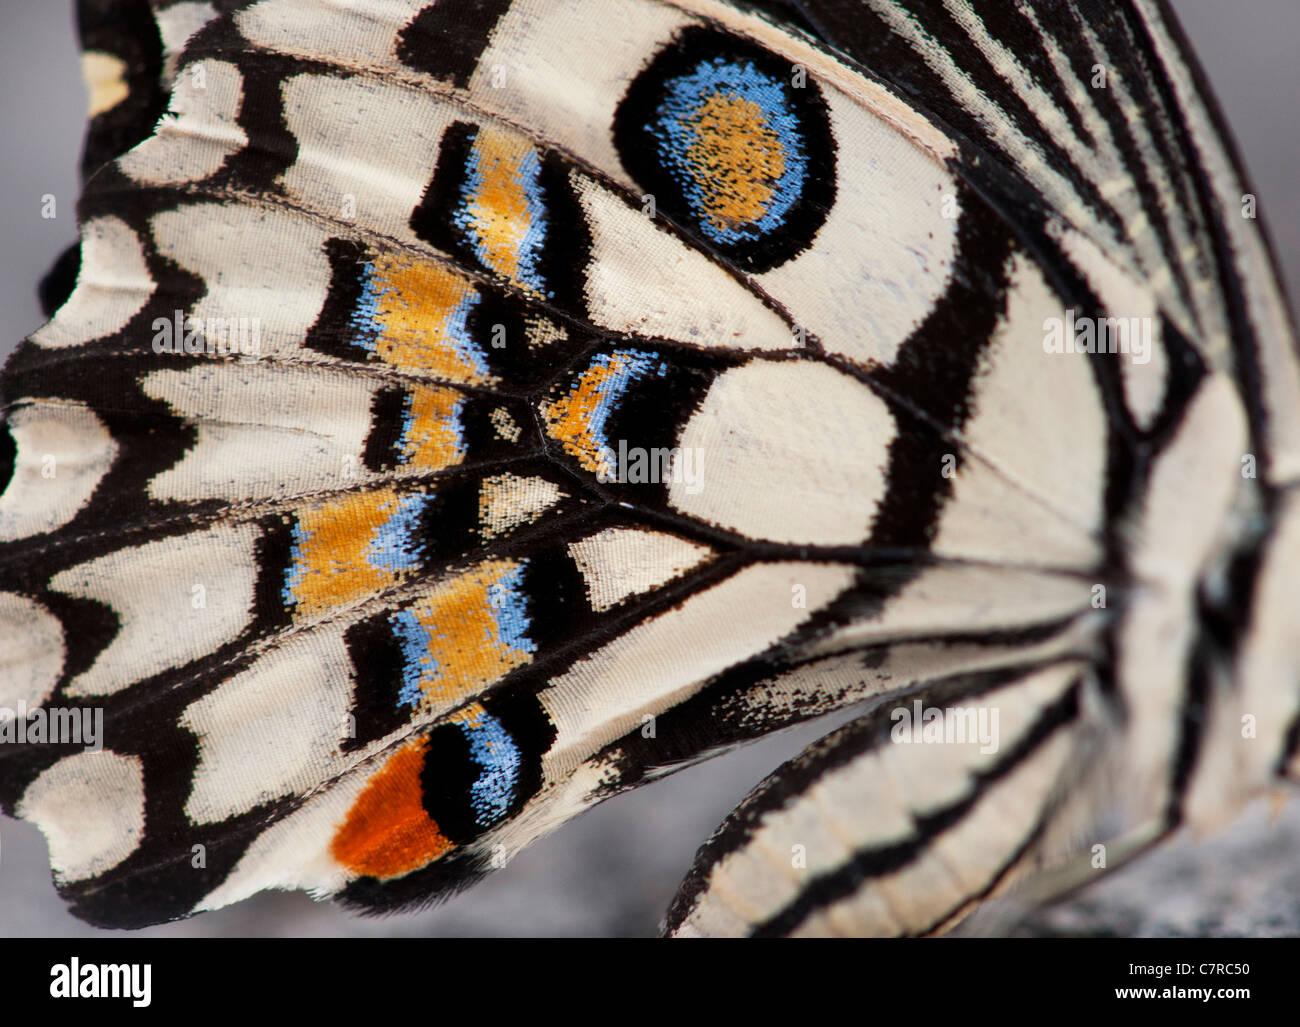 Papilio demoleus . Lime ala di farfalla pattern Immagini Stock